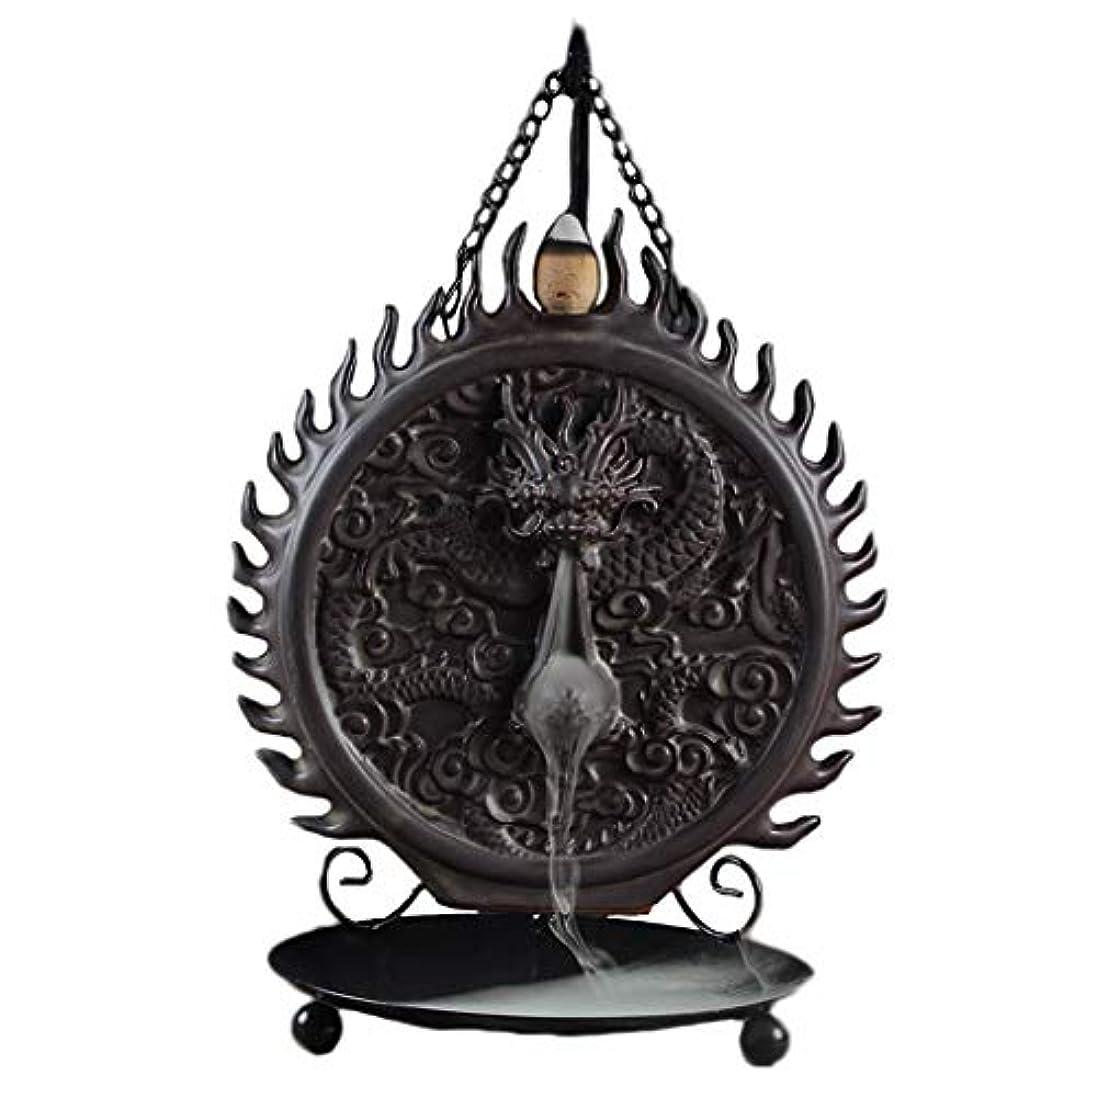 減衰詐欺師バットセラミックハンギング香炉バックフロードラゴンディスクホーム炉装飾香ホルダーアロマセラピー香バーナーホルダー (Color : Black, サイズ : 6.29*9.44inches)